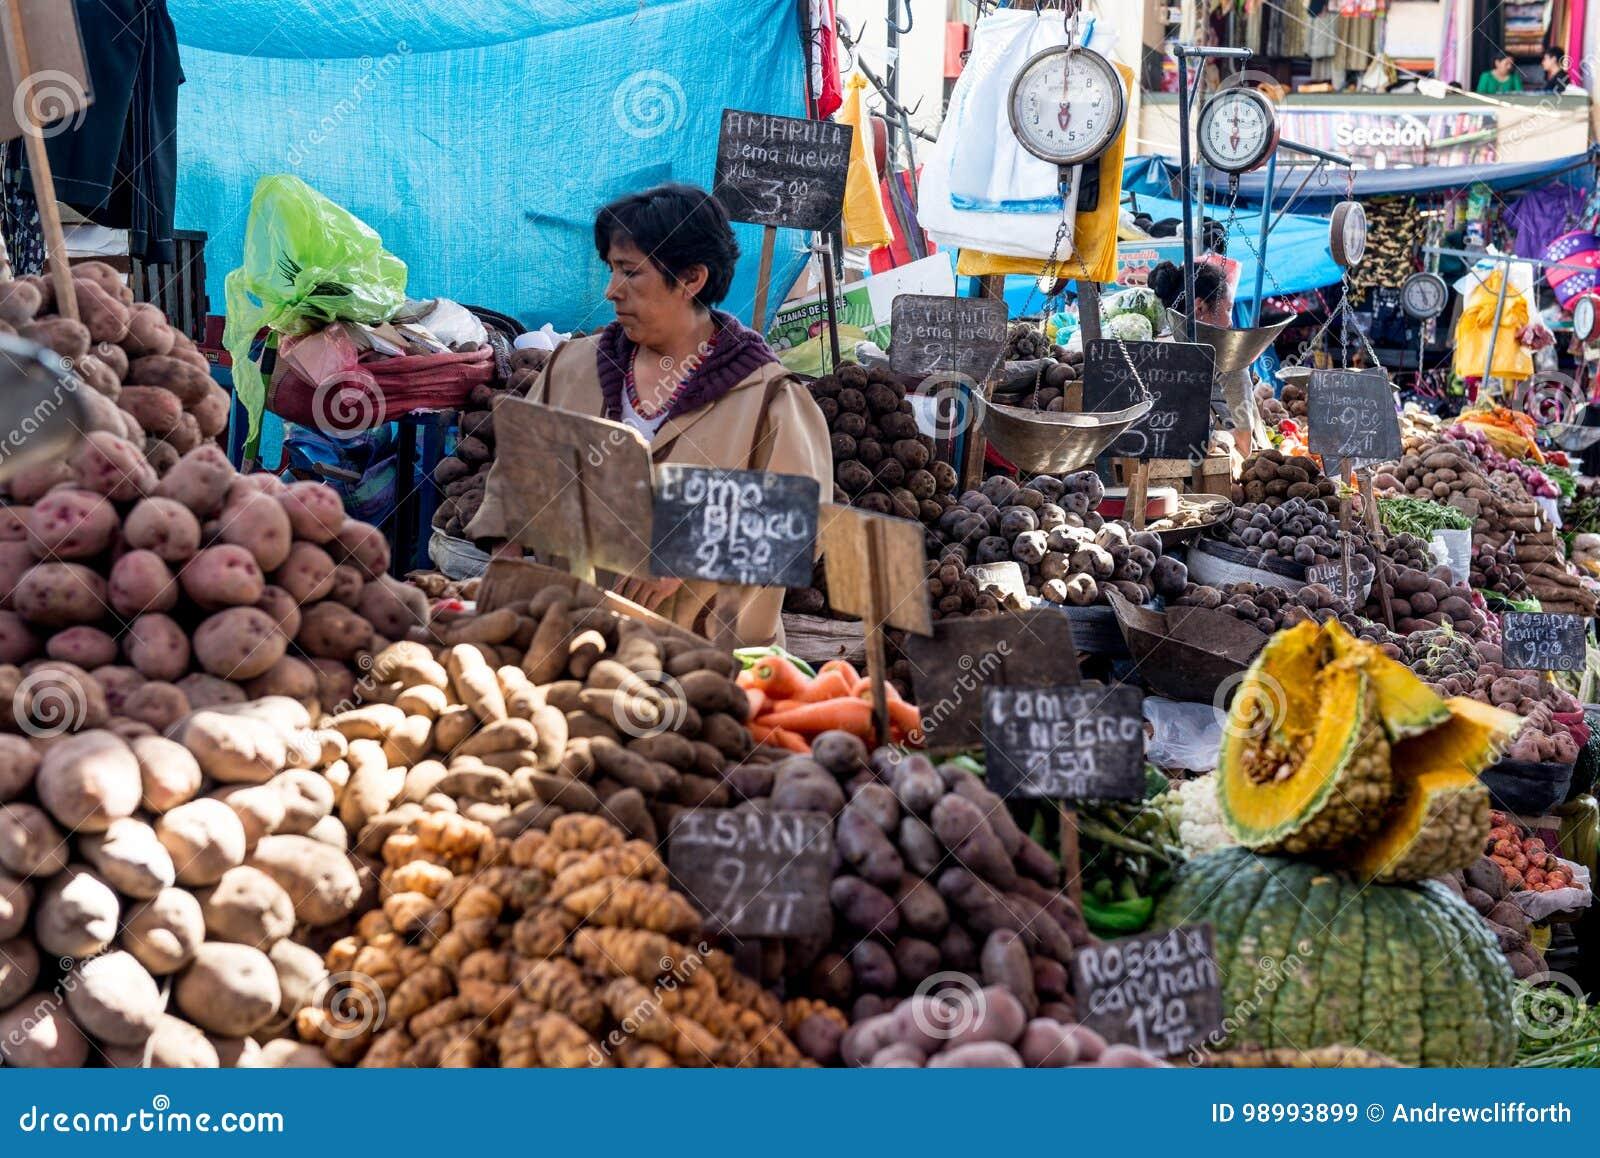 Tenda do mercado da batata no Mercado San Camilo